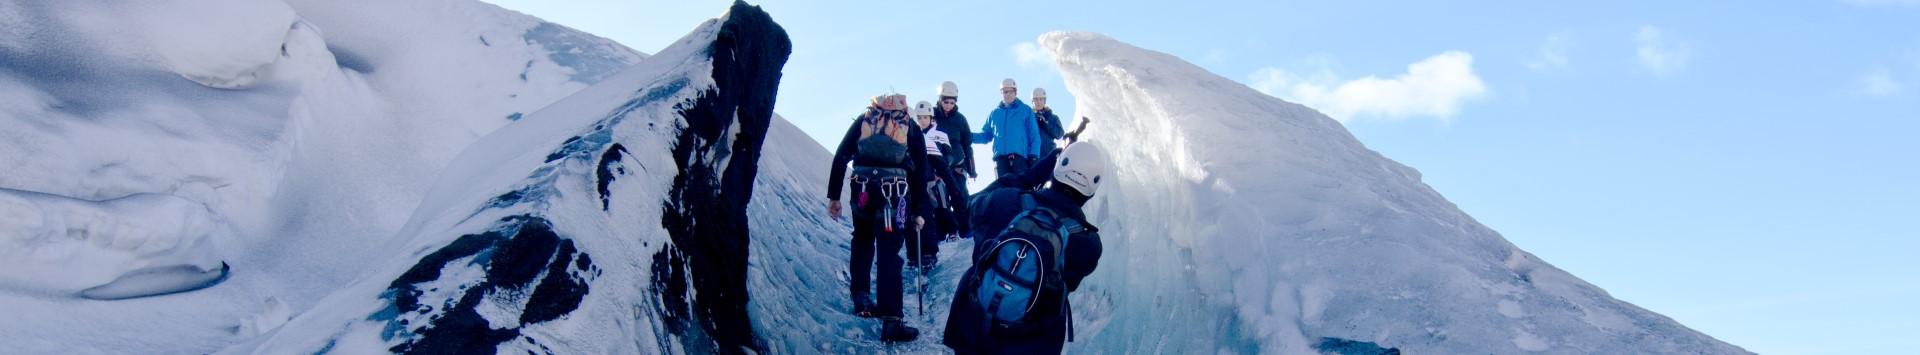 Personnes marchant sur un glacier en Islande